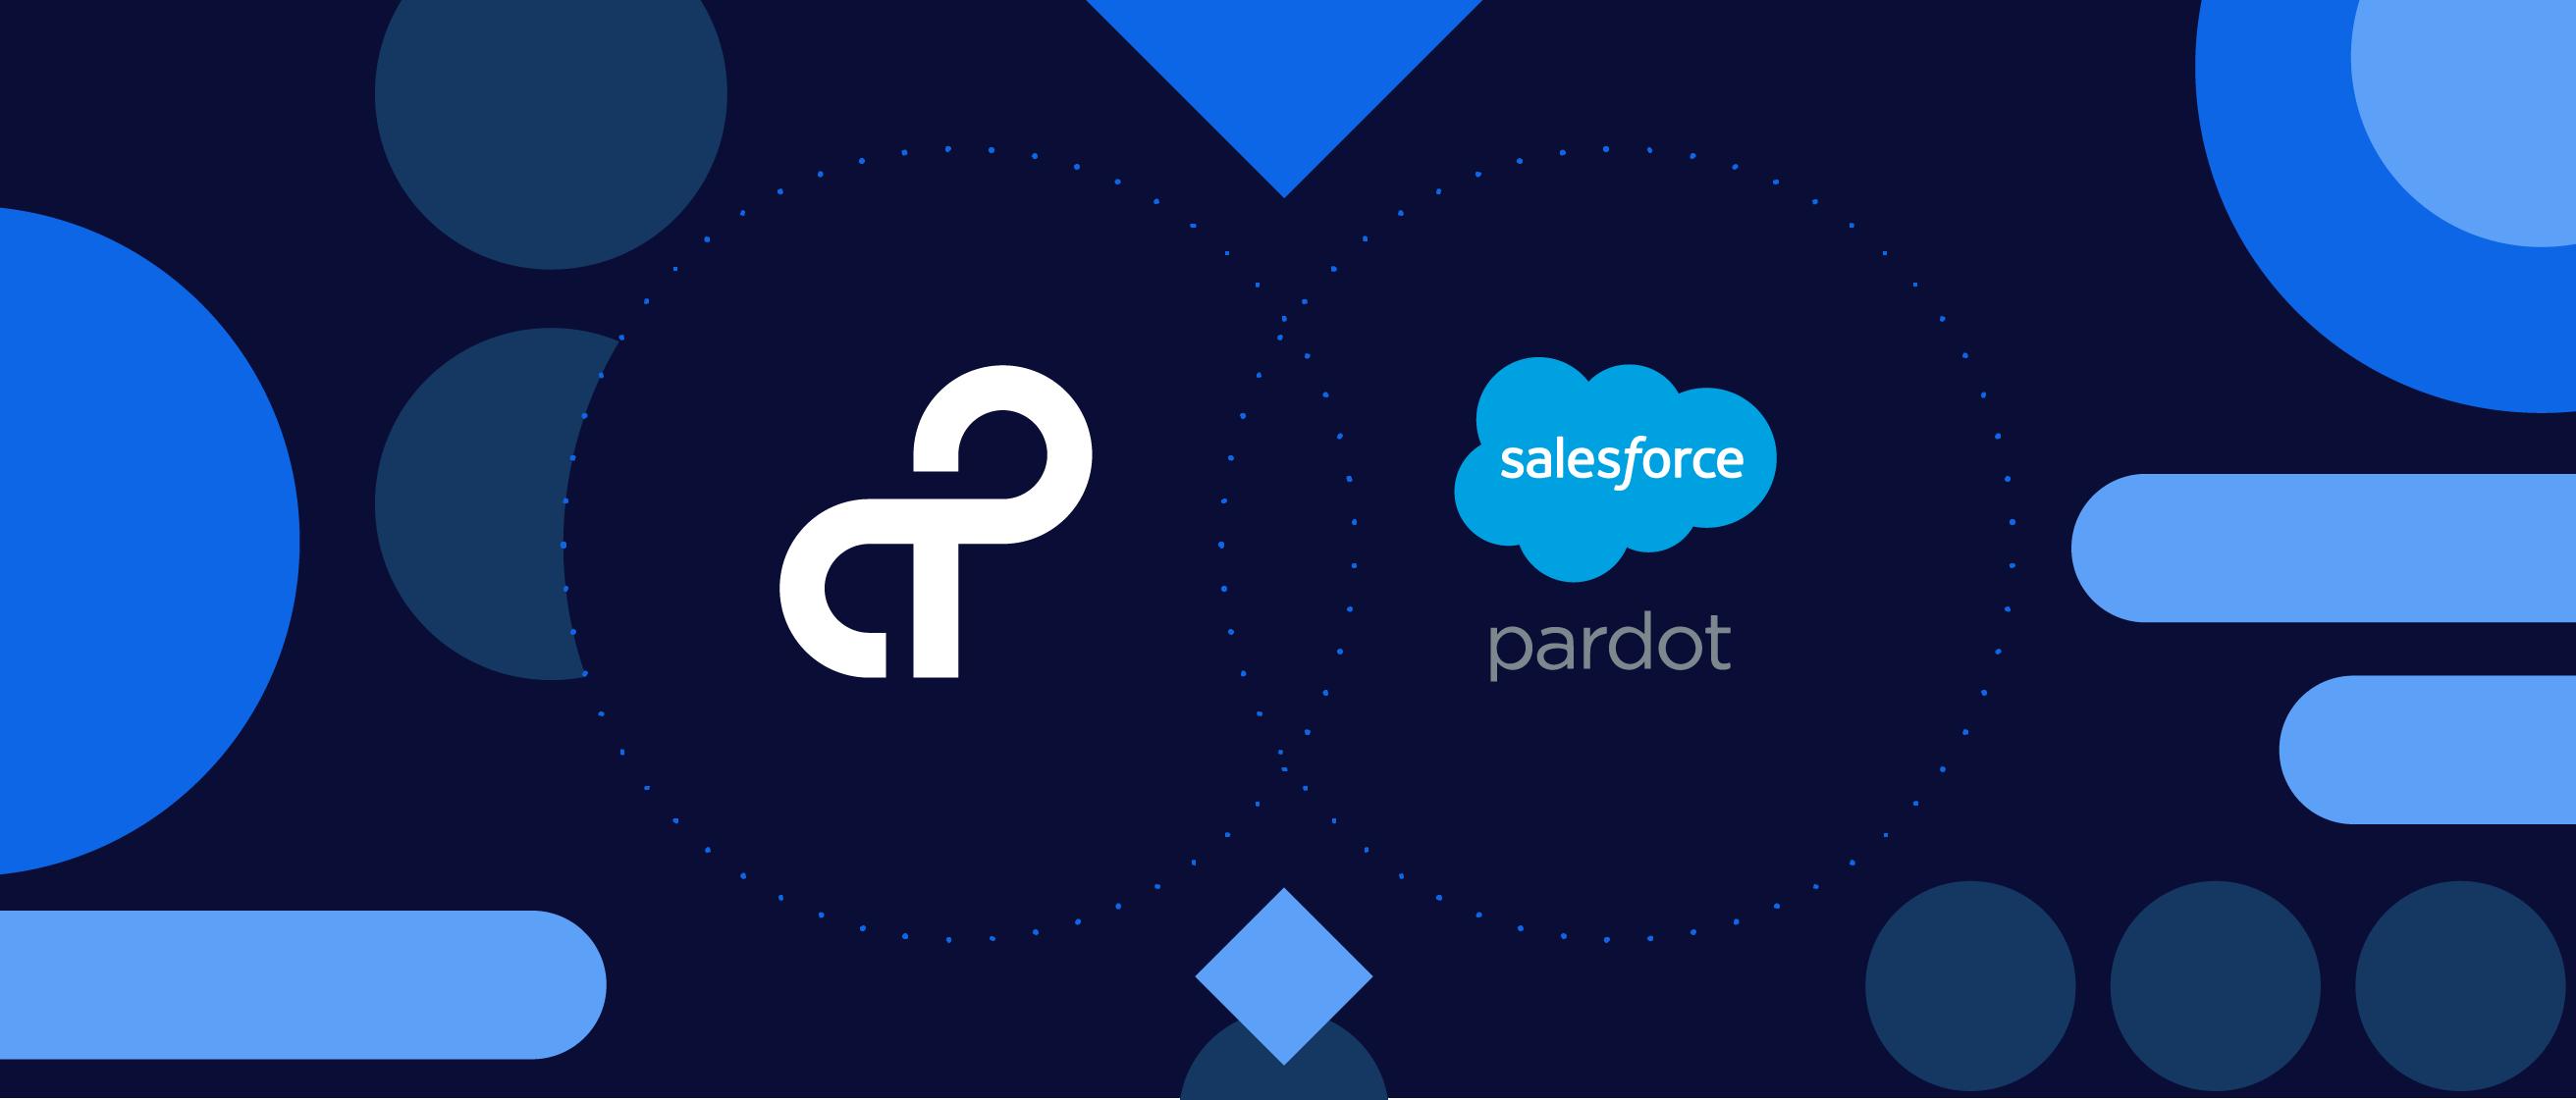 Pardot Connector